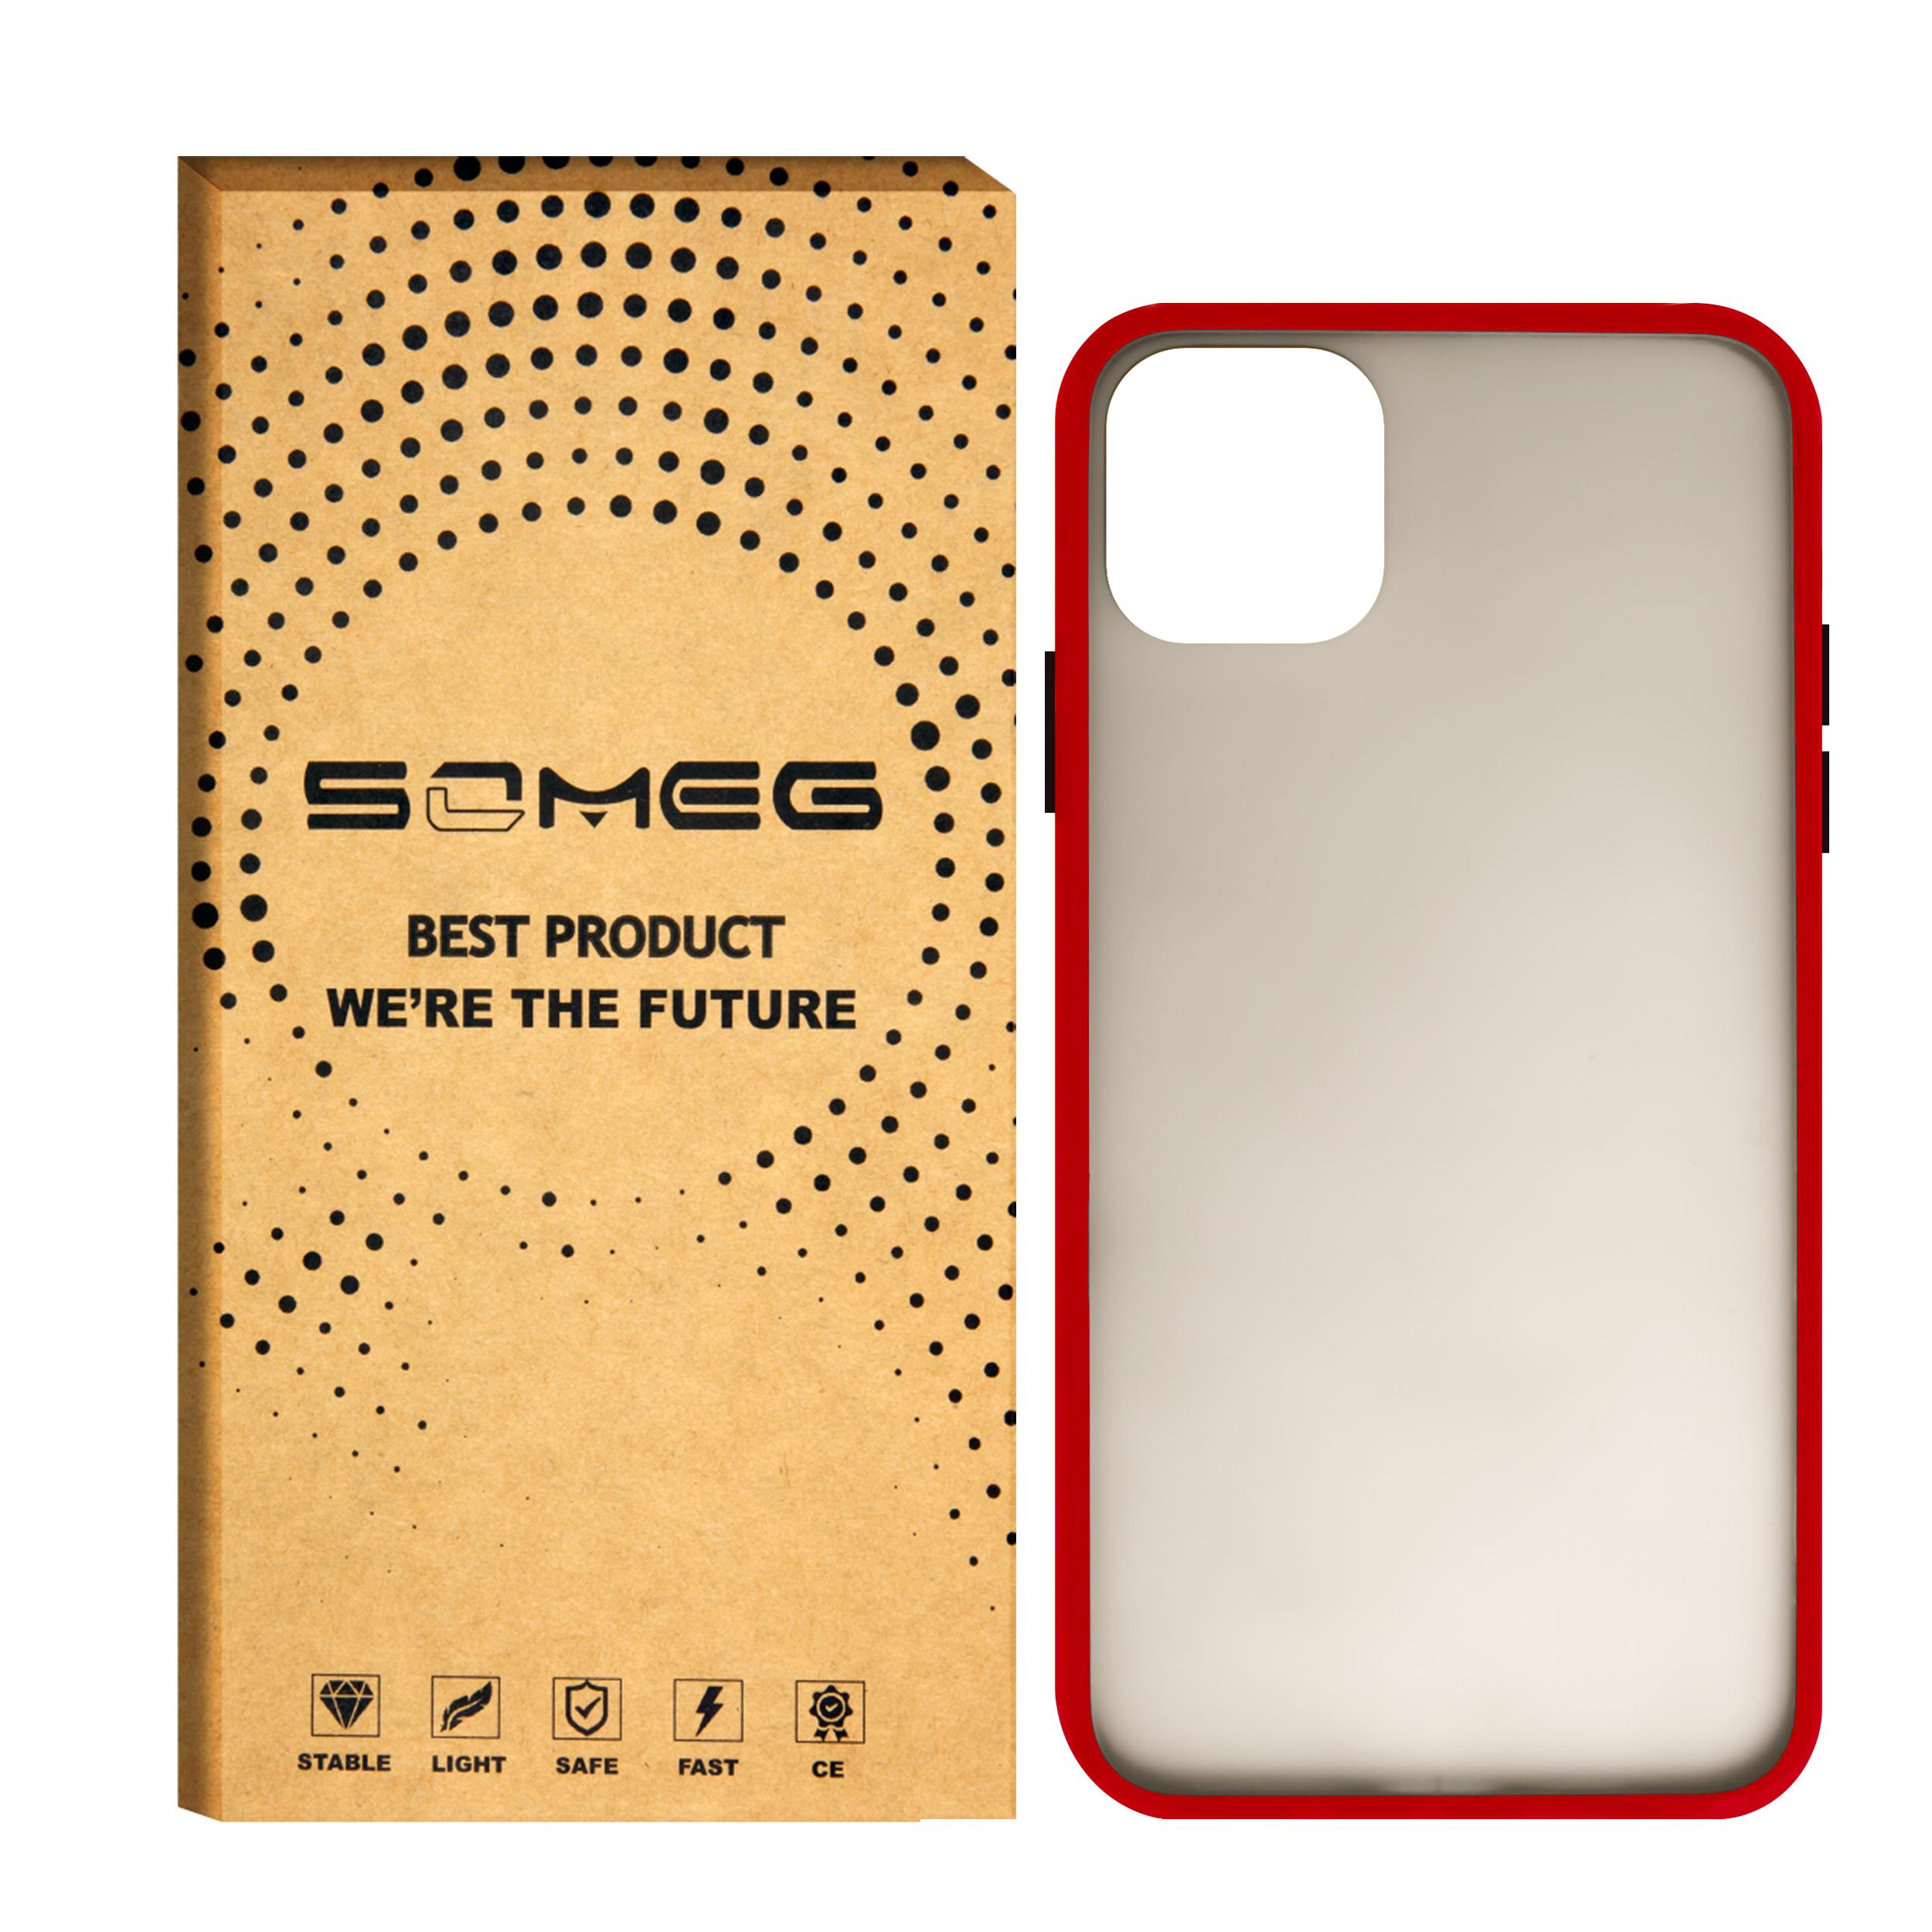 کاور سومگ مدل SMG-Mt11 مناسب گوشی موبایل اپل iPhone 11               ( قیمت و خرید)